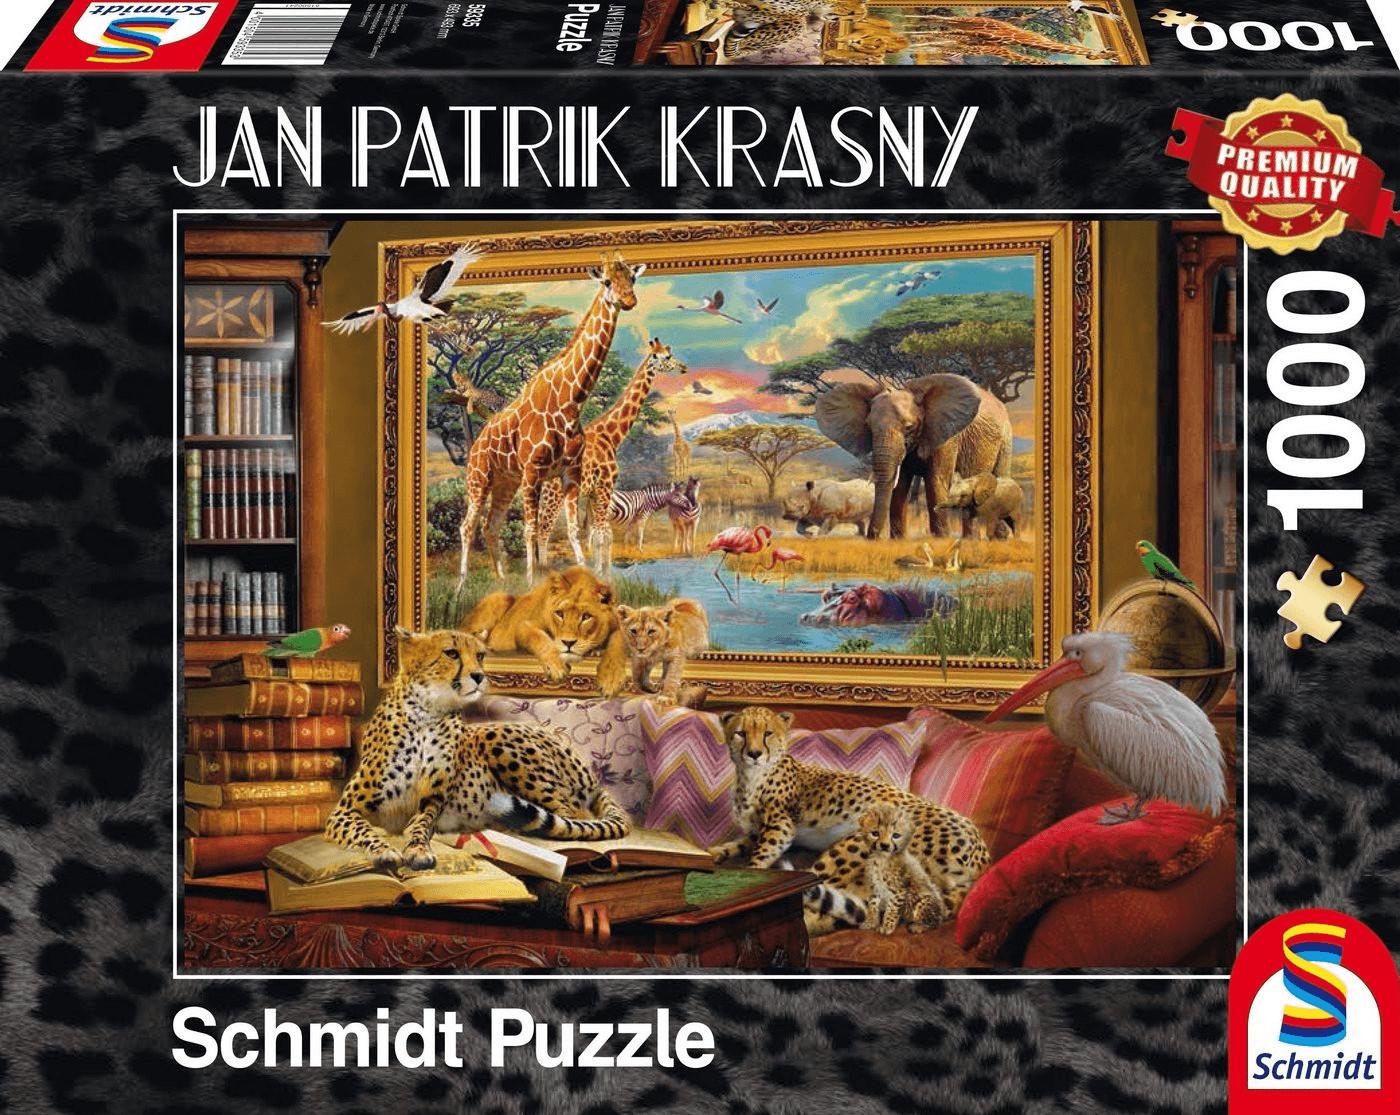 Schmidt-Spiele Jan Patrik Krasny: Die Savanne - Zum Leben erwacht (1000 Teile)